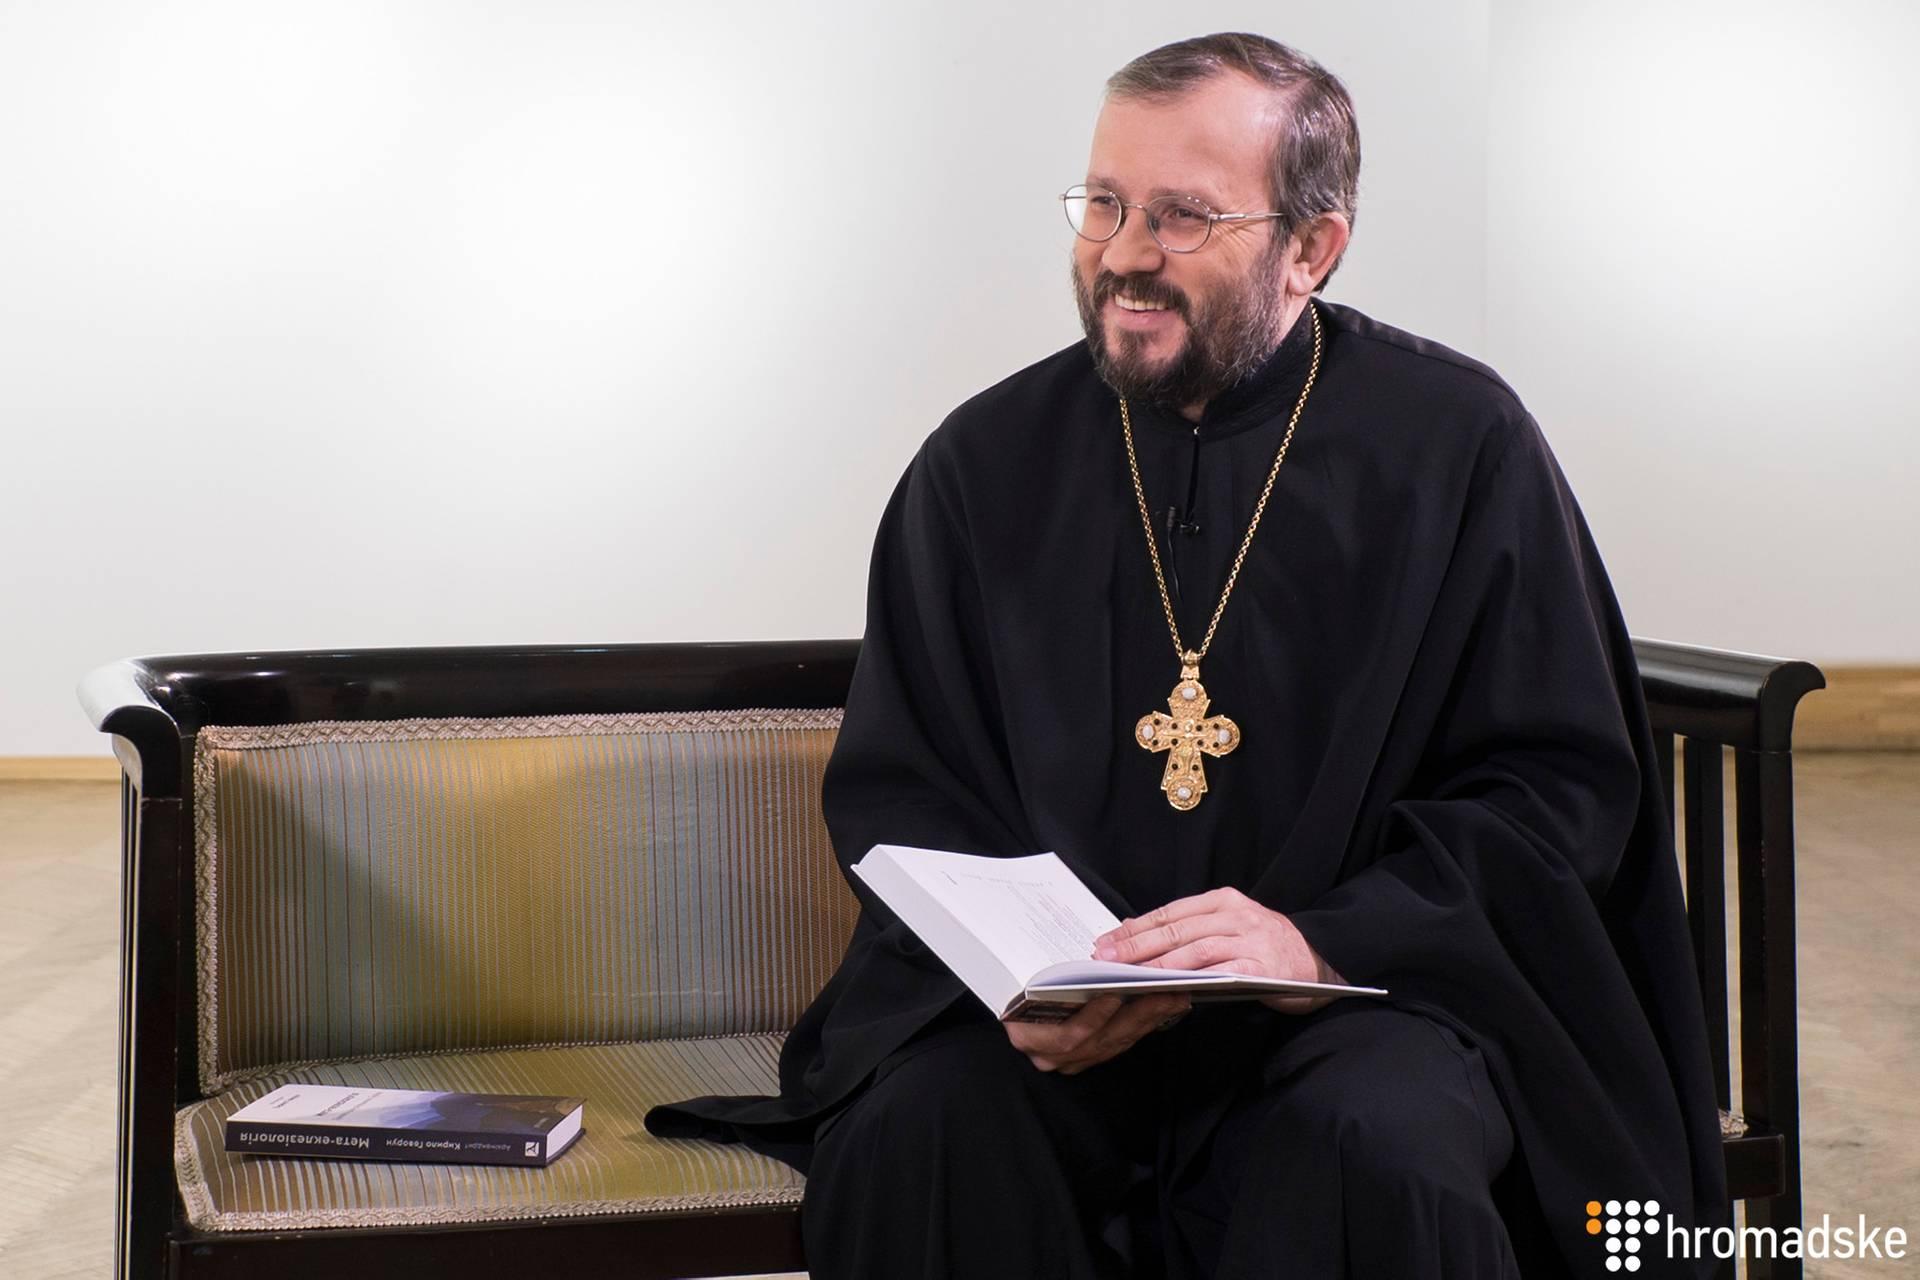 Український богослов, публіцист, Архімандрит Кирило Говорун під час інтерв'ю Громадському, Київ, 17 грудня 2018 року